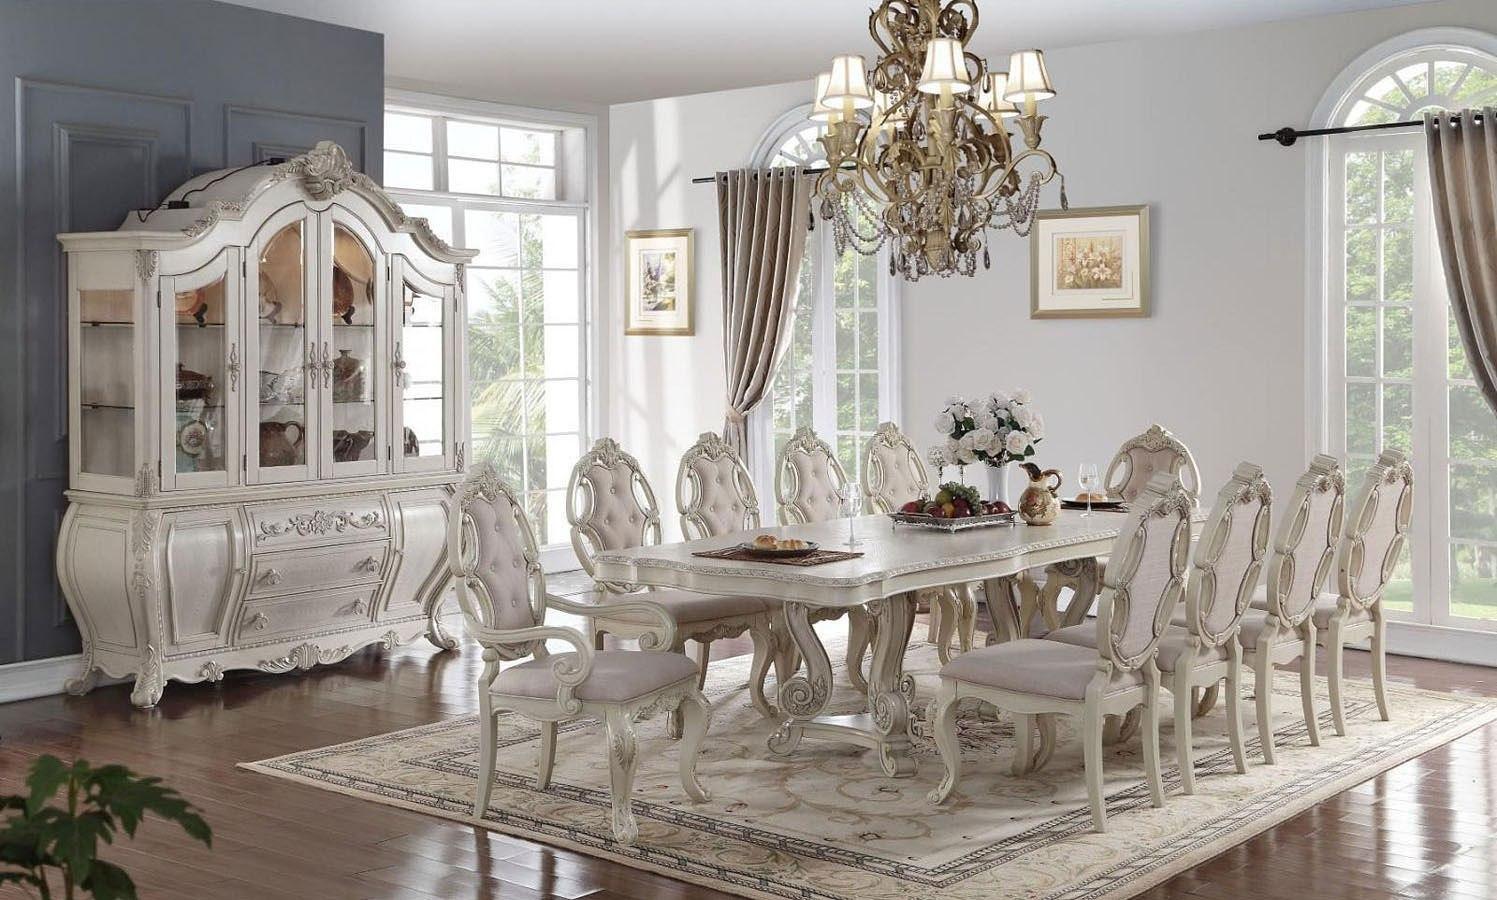 Ragenardus Dining Room Set (Antique White) - Ragenardus Dining Room Set (Antique White) - Dining Room And Kitchen